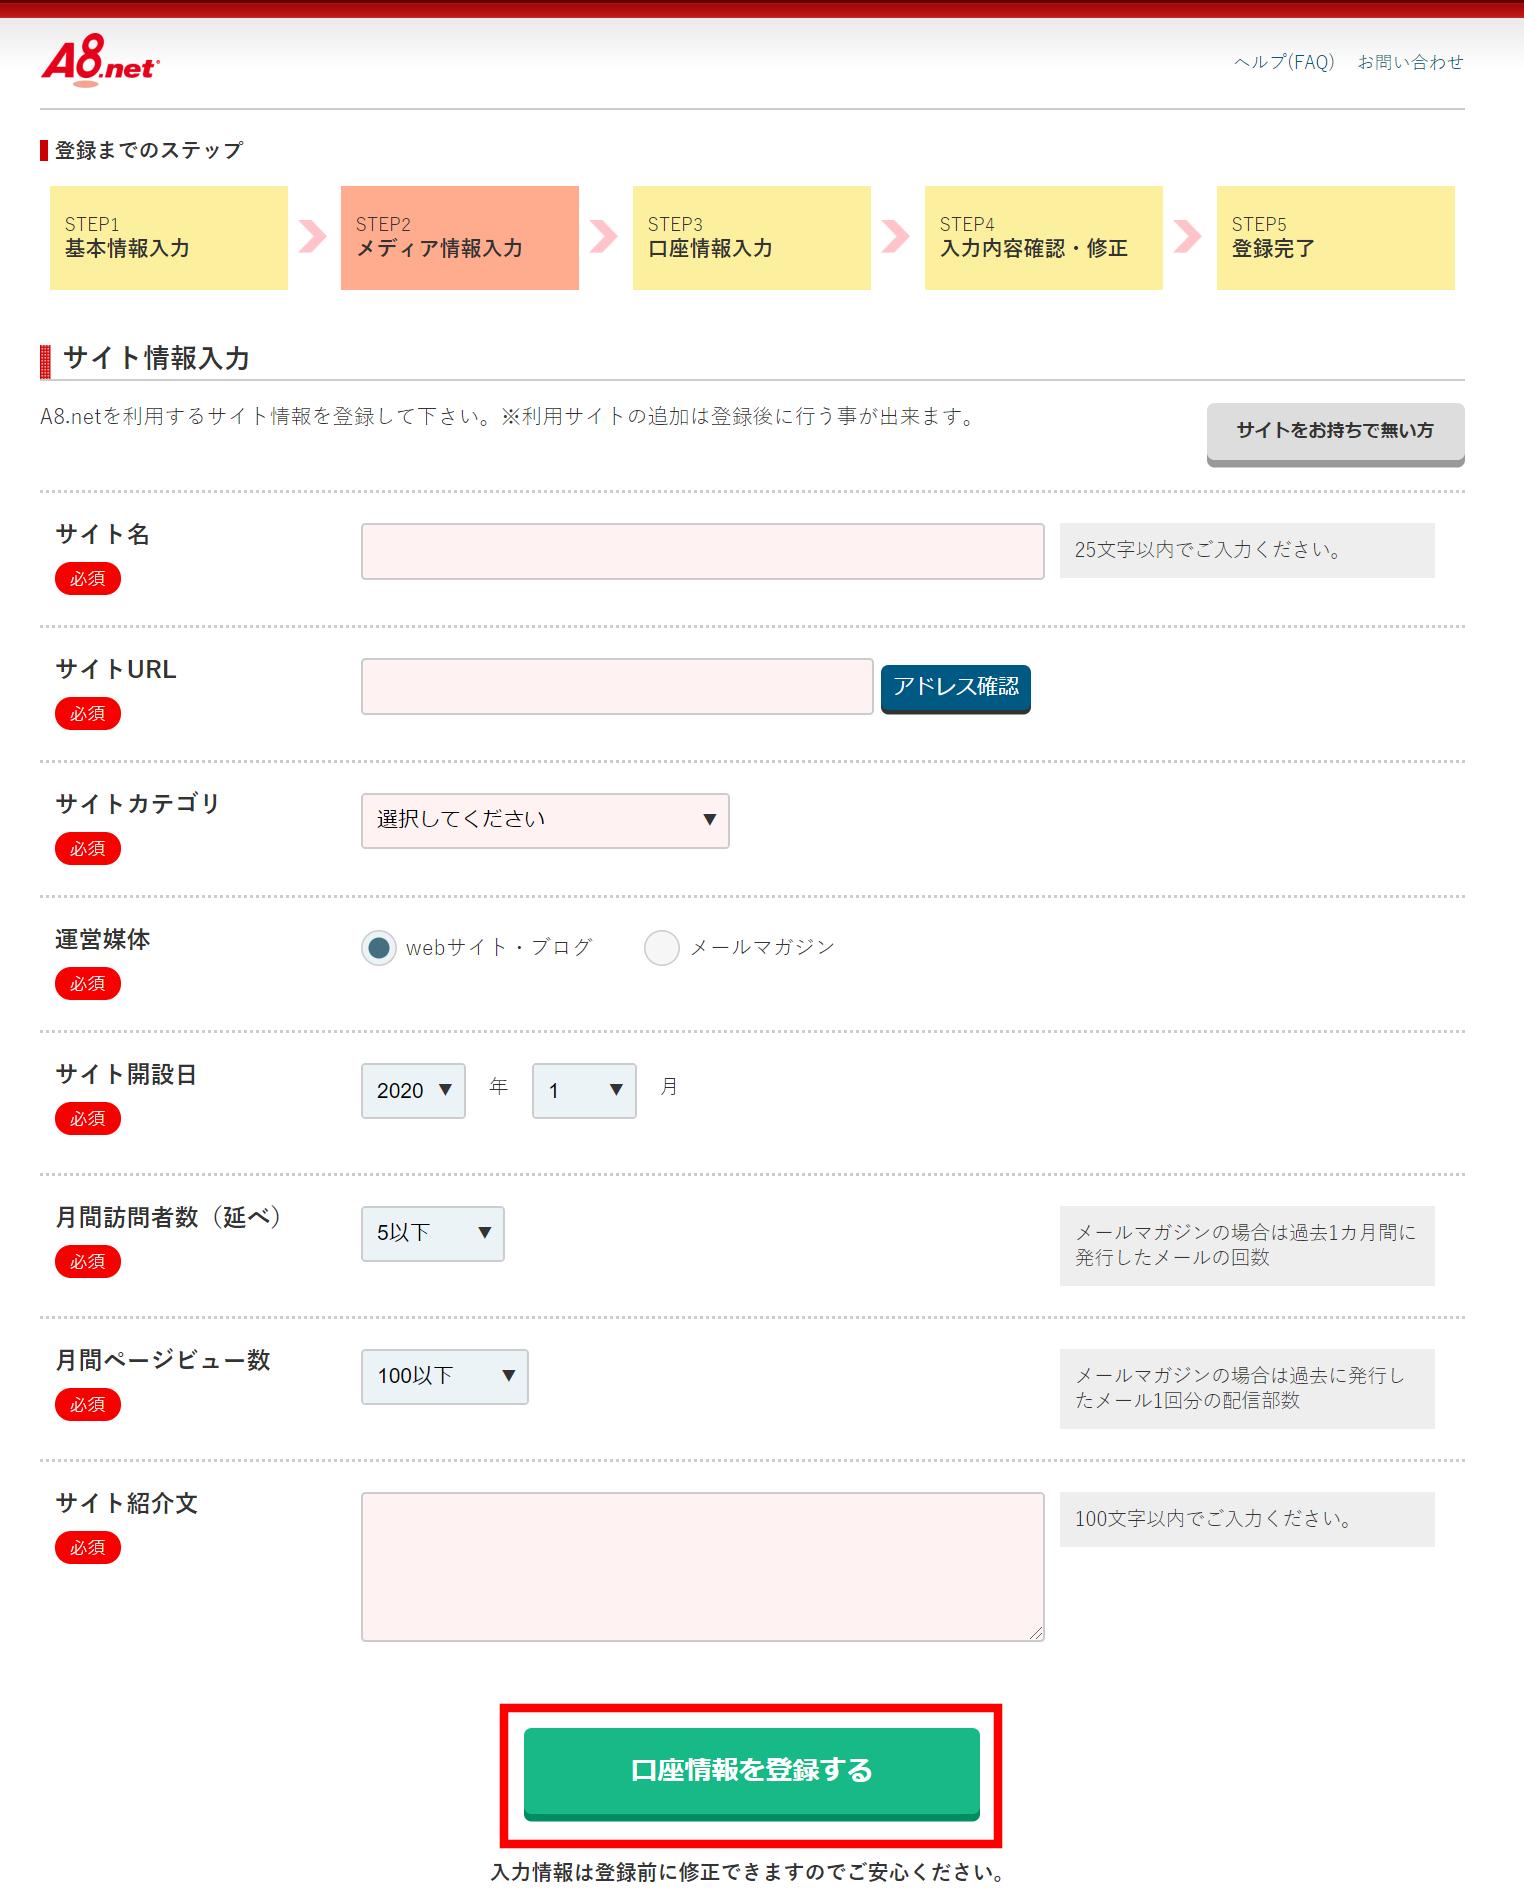 A8.net「サイトを持っている方」の登録内容